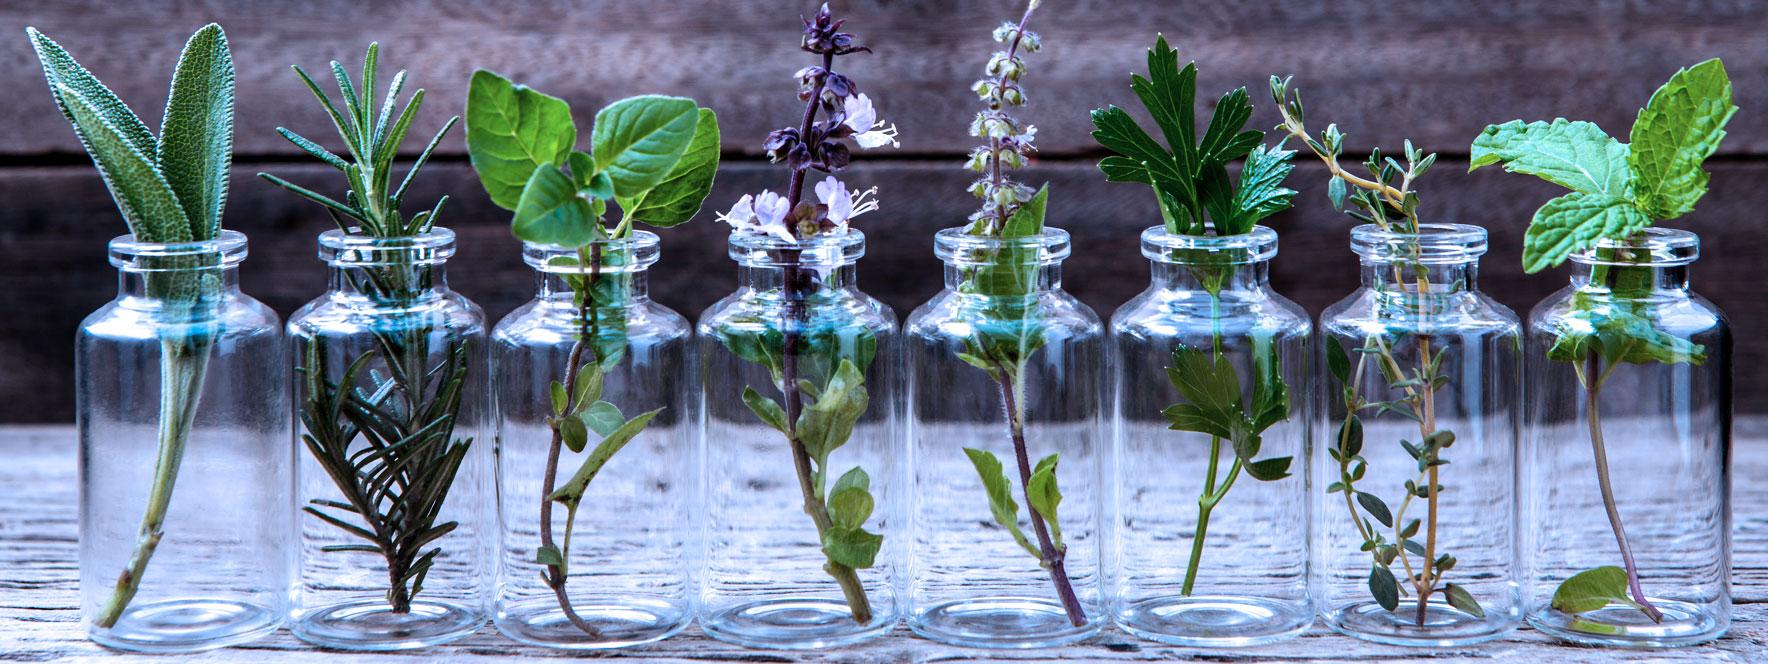 Le choix des huiles essentielles pour le massage - Blogue du Réseau